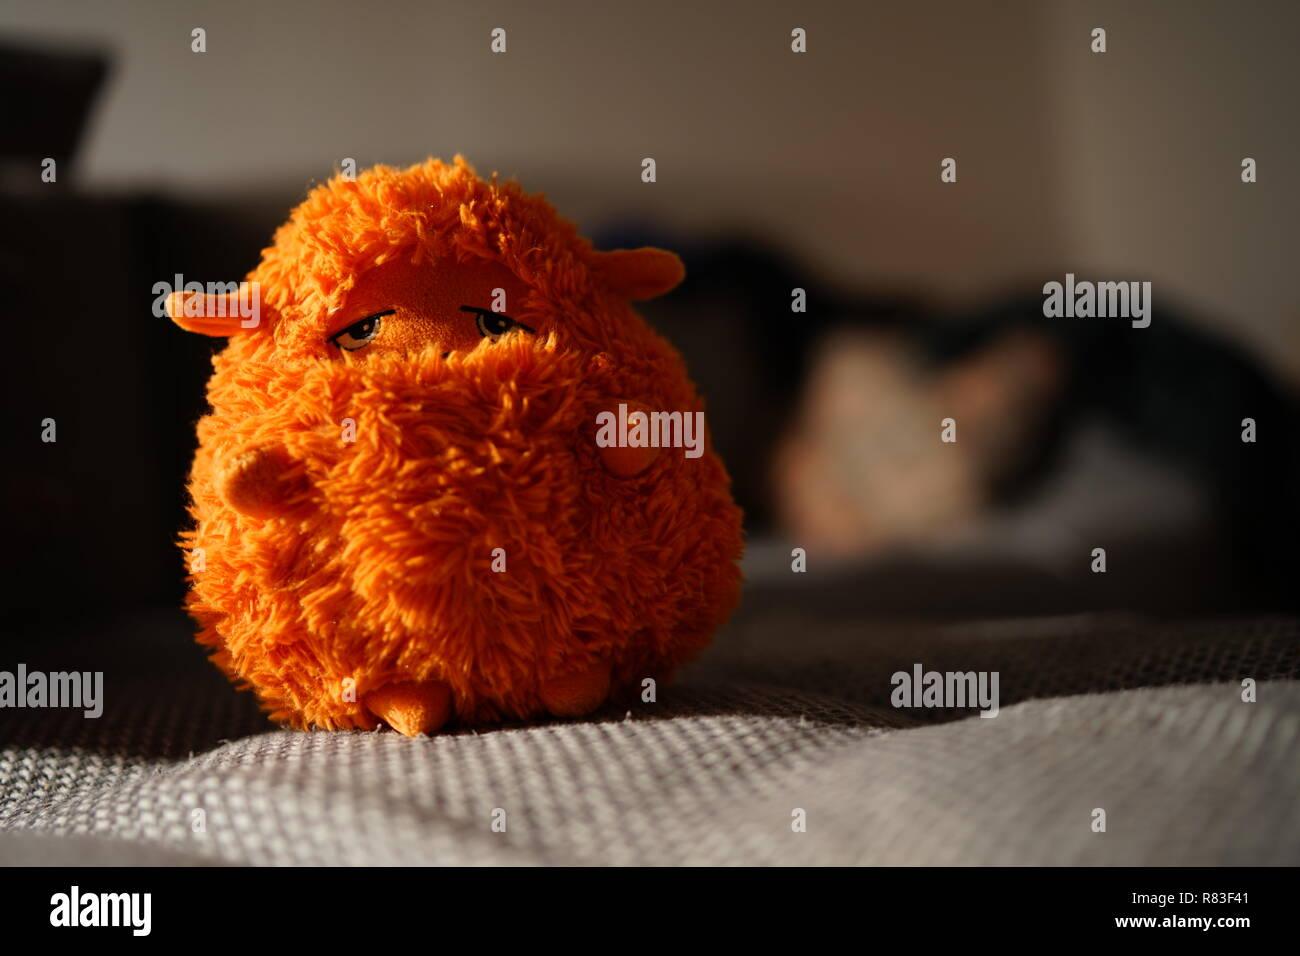 Una oveja de peluche en luz cálida con fondo borroso Foto de stock